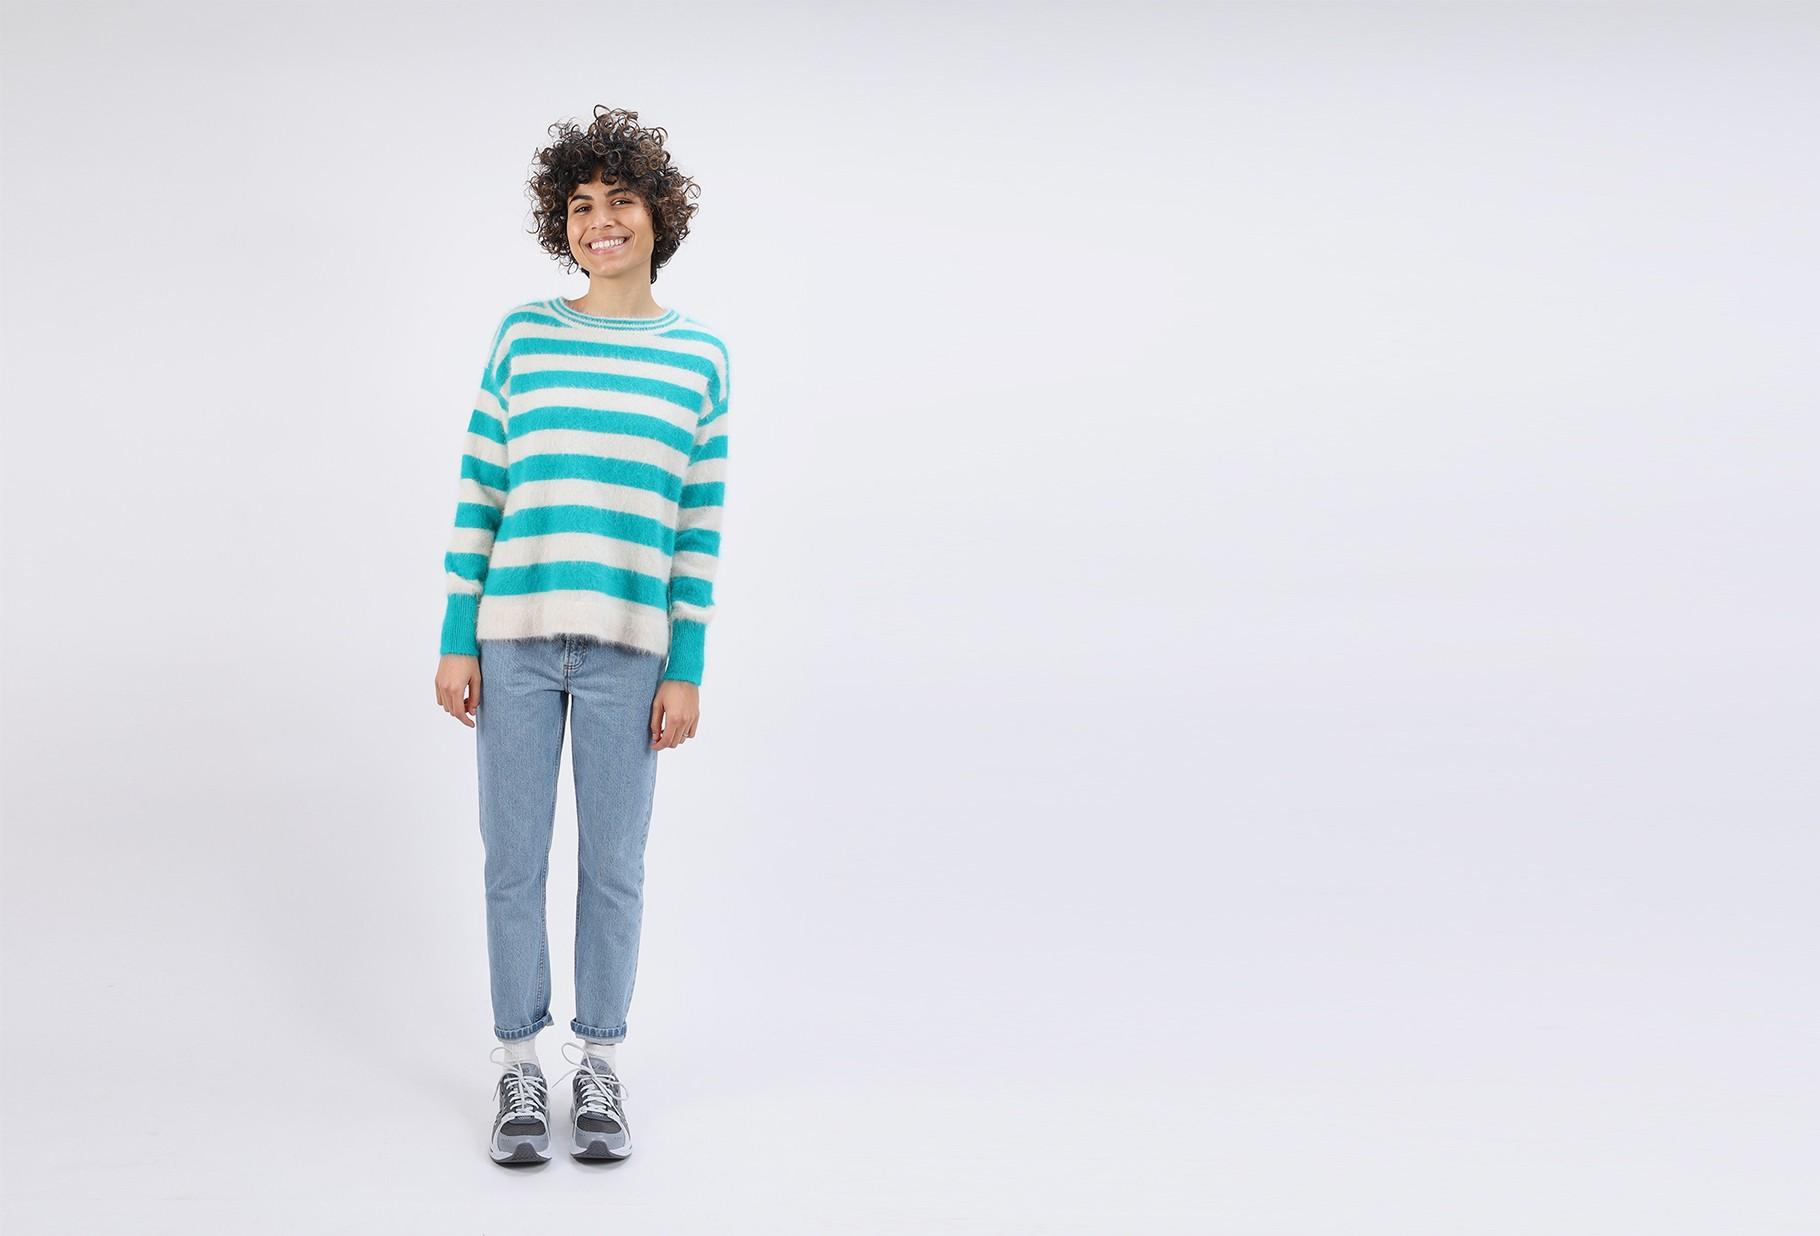 BELLEROSE FOR WOMAN / Datax knit sweater Stripe a